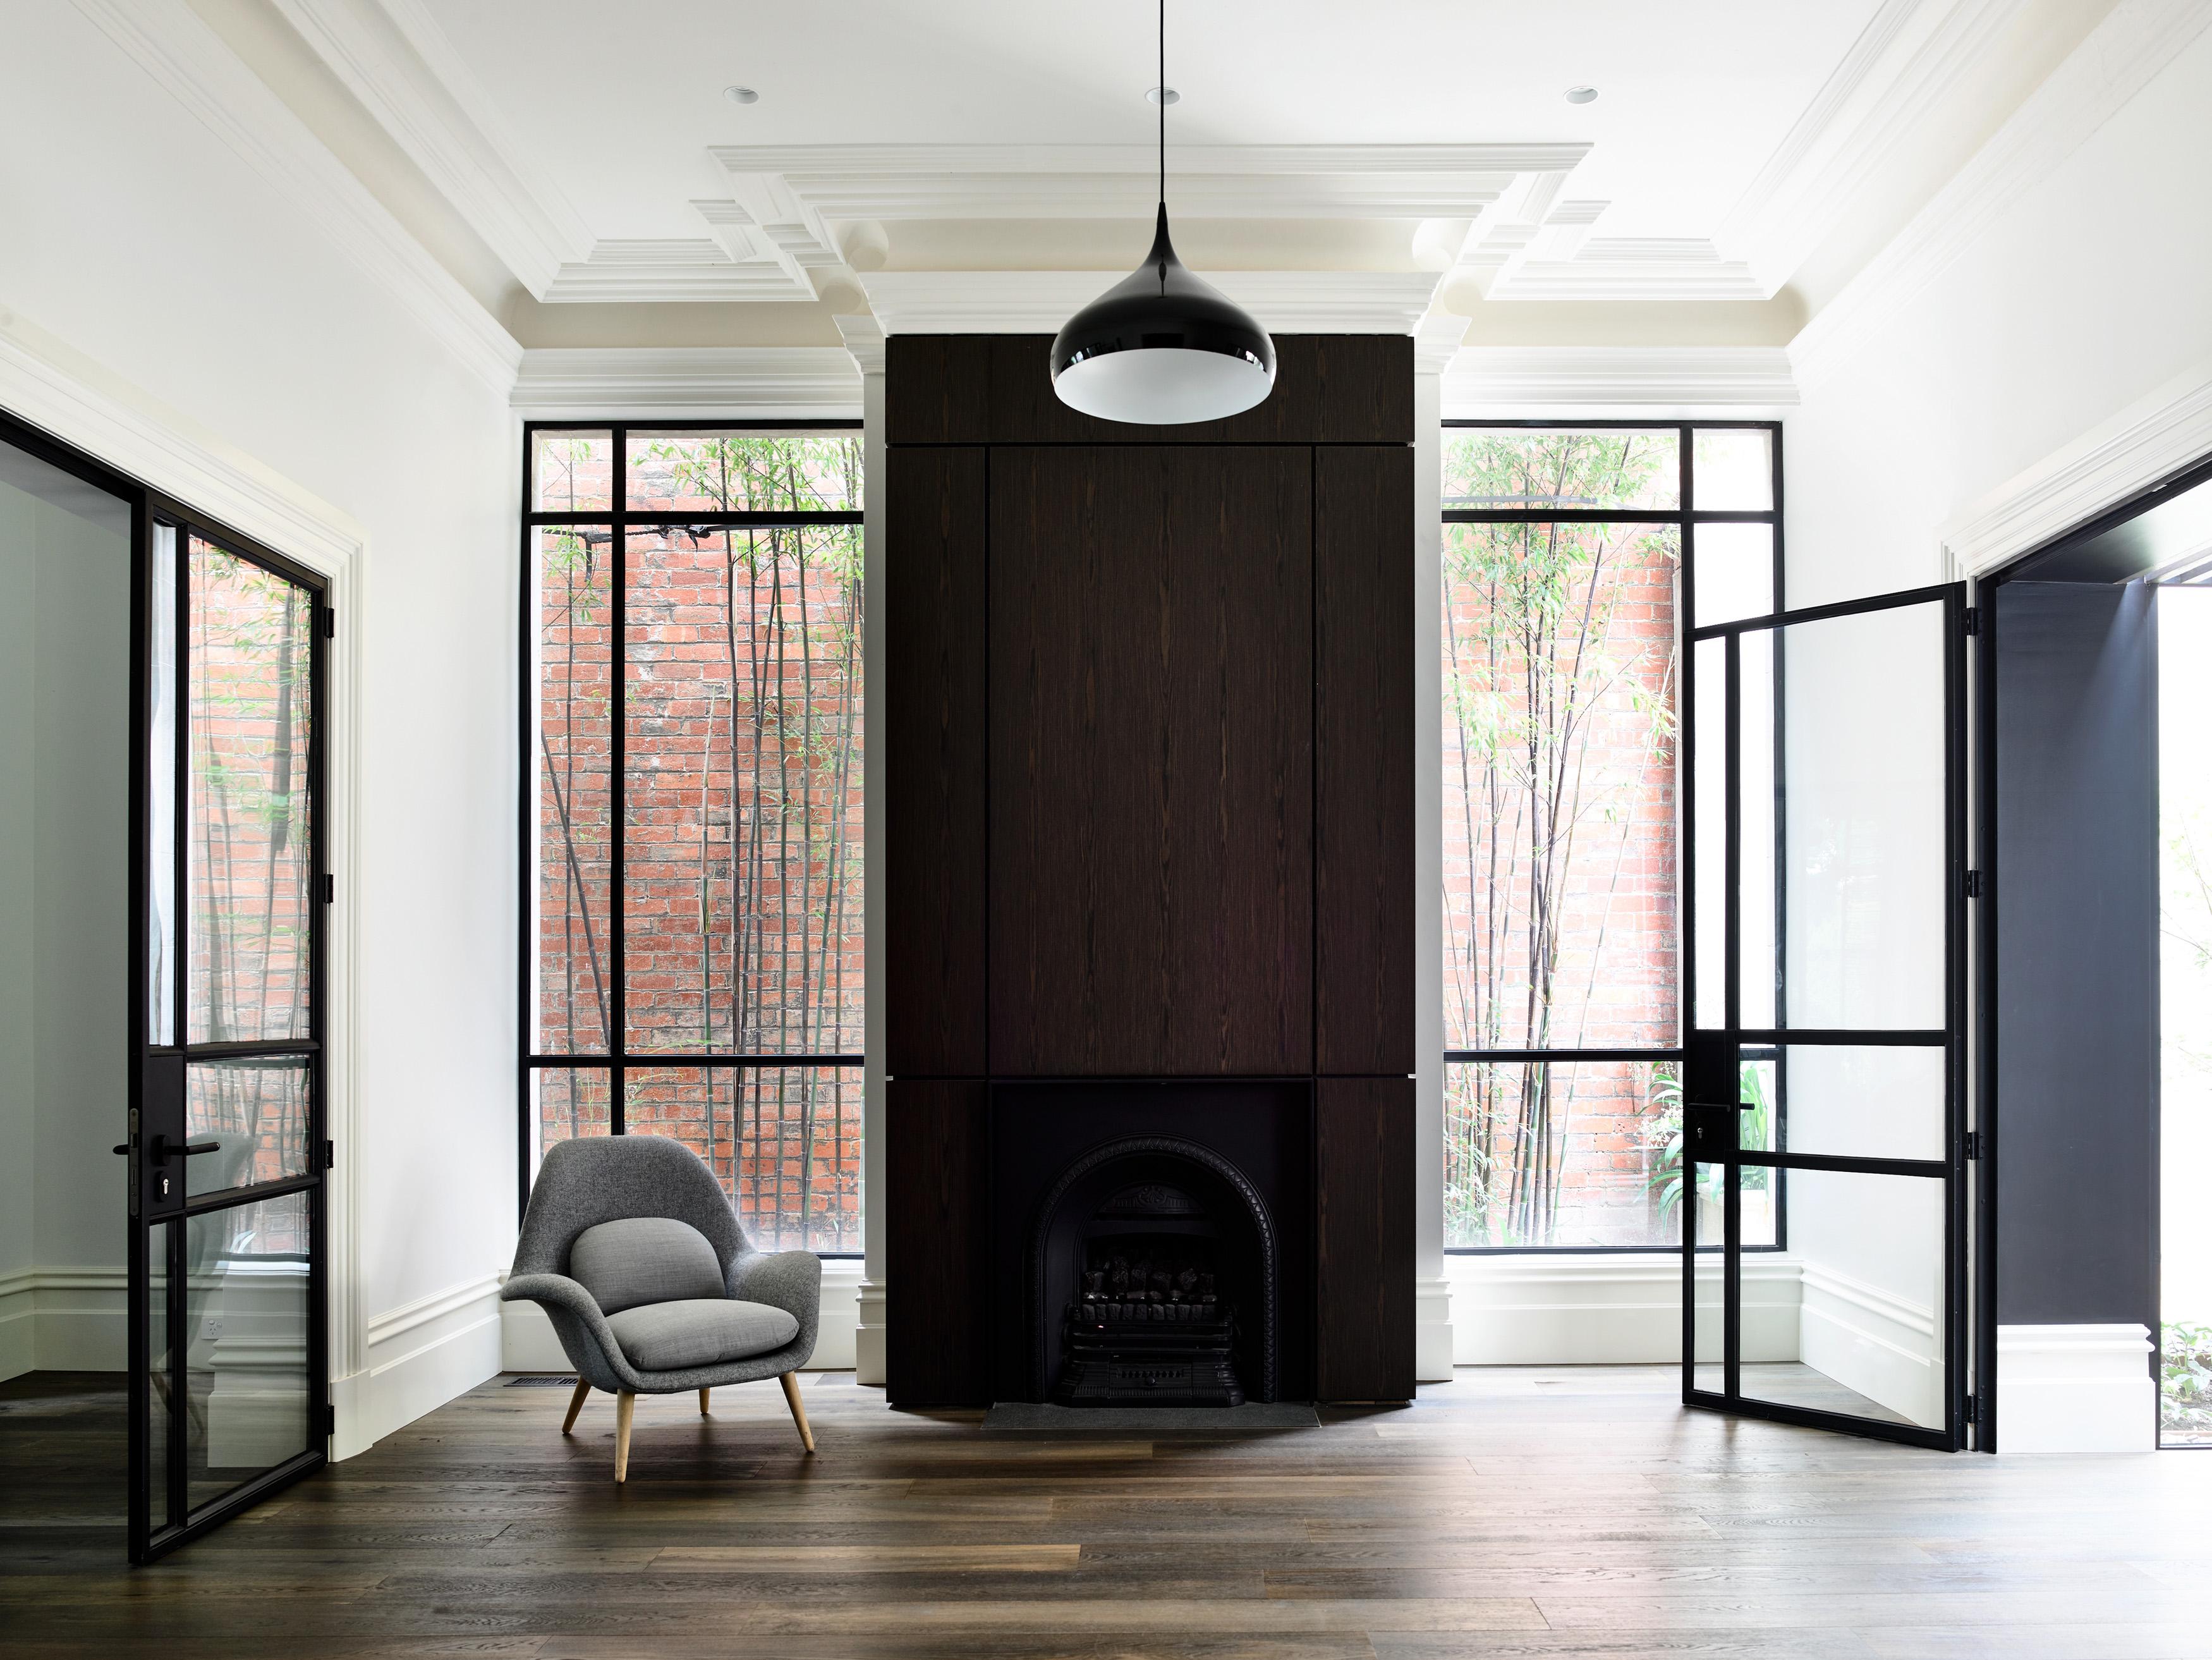 Australian interior design awards 2017 shortlist announced for 18 jolimont terrace east melbourne